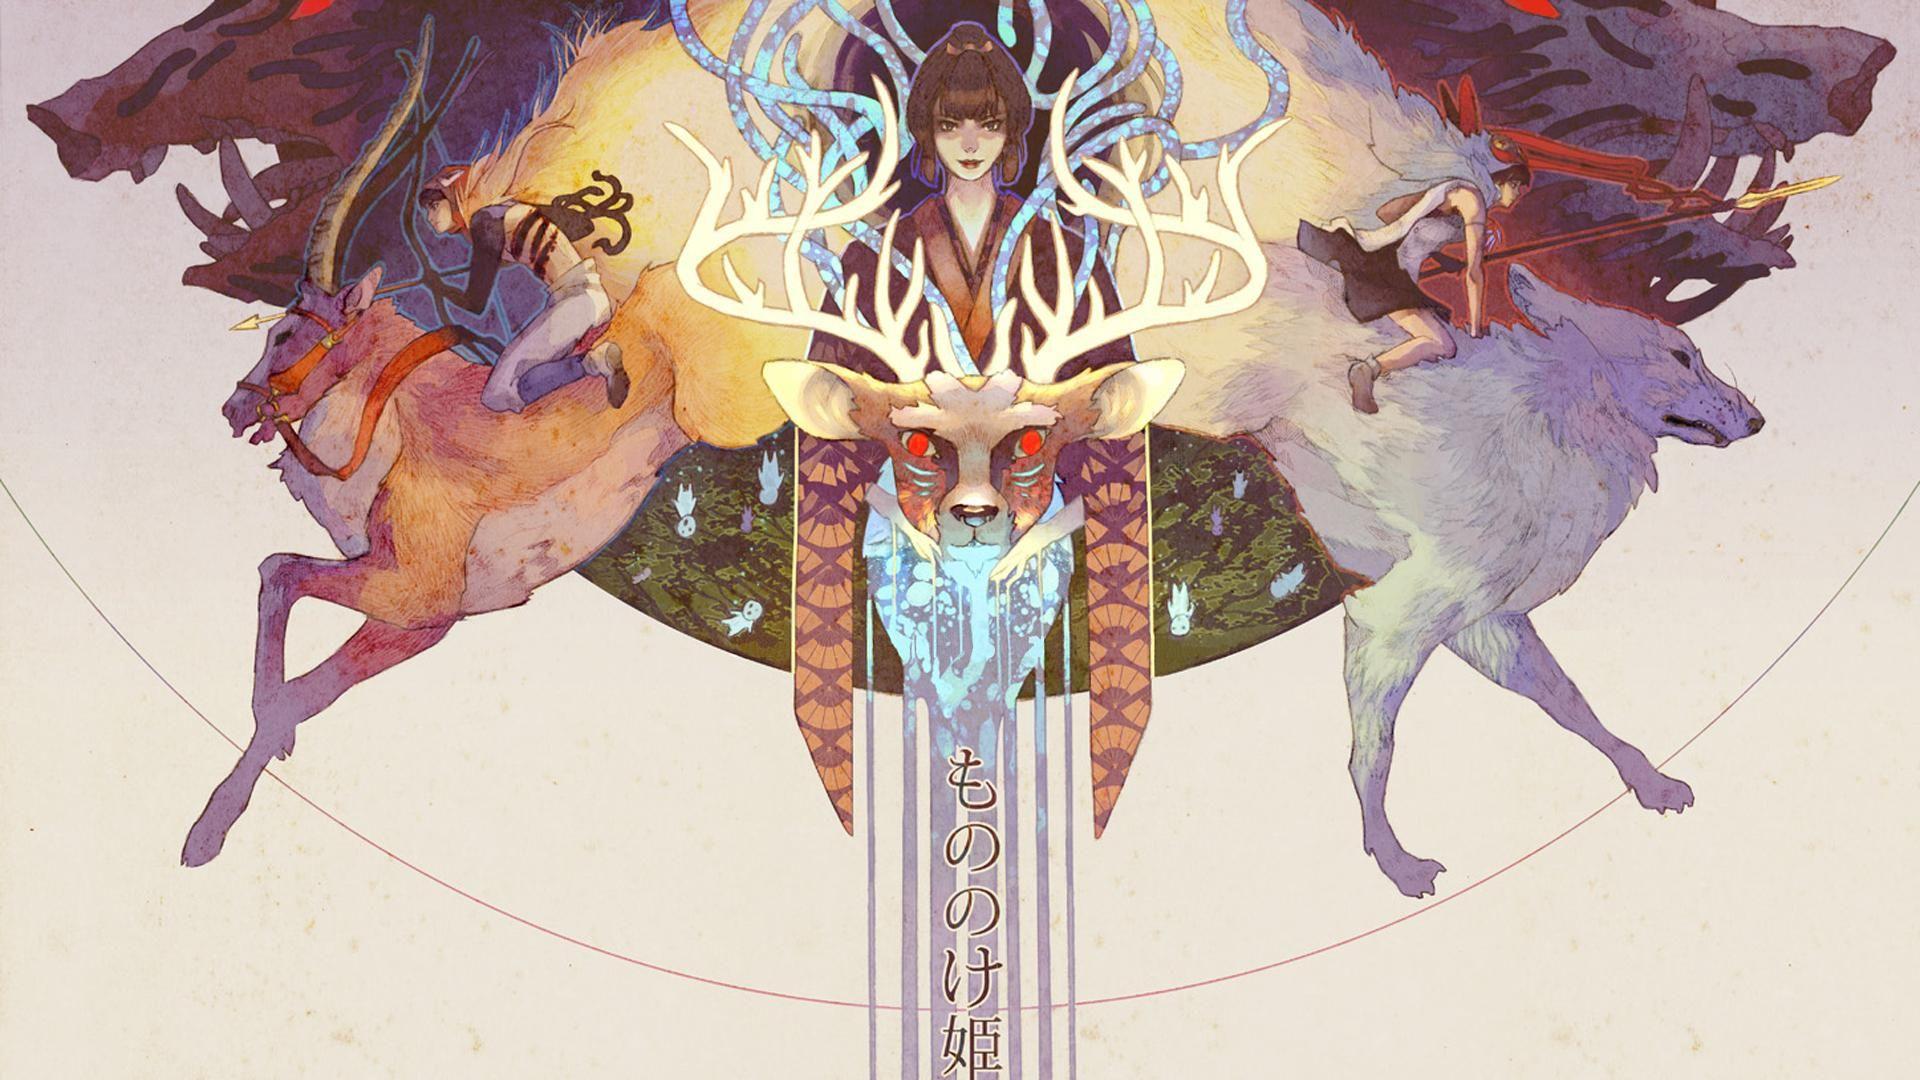 Princess Mononoke Wallpaper Art Studio Ghibli Art Studio Ghibli Princess Mononoke Art